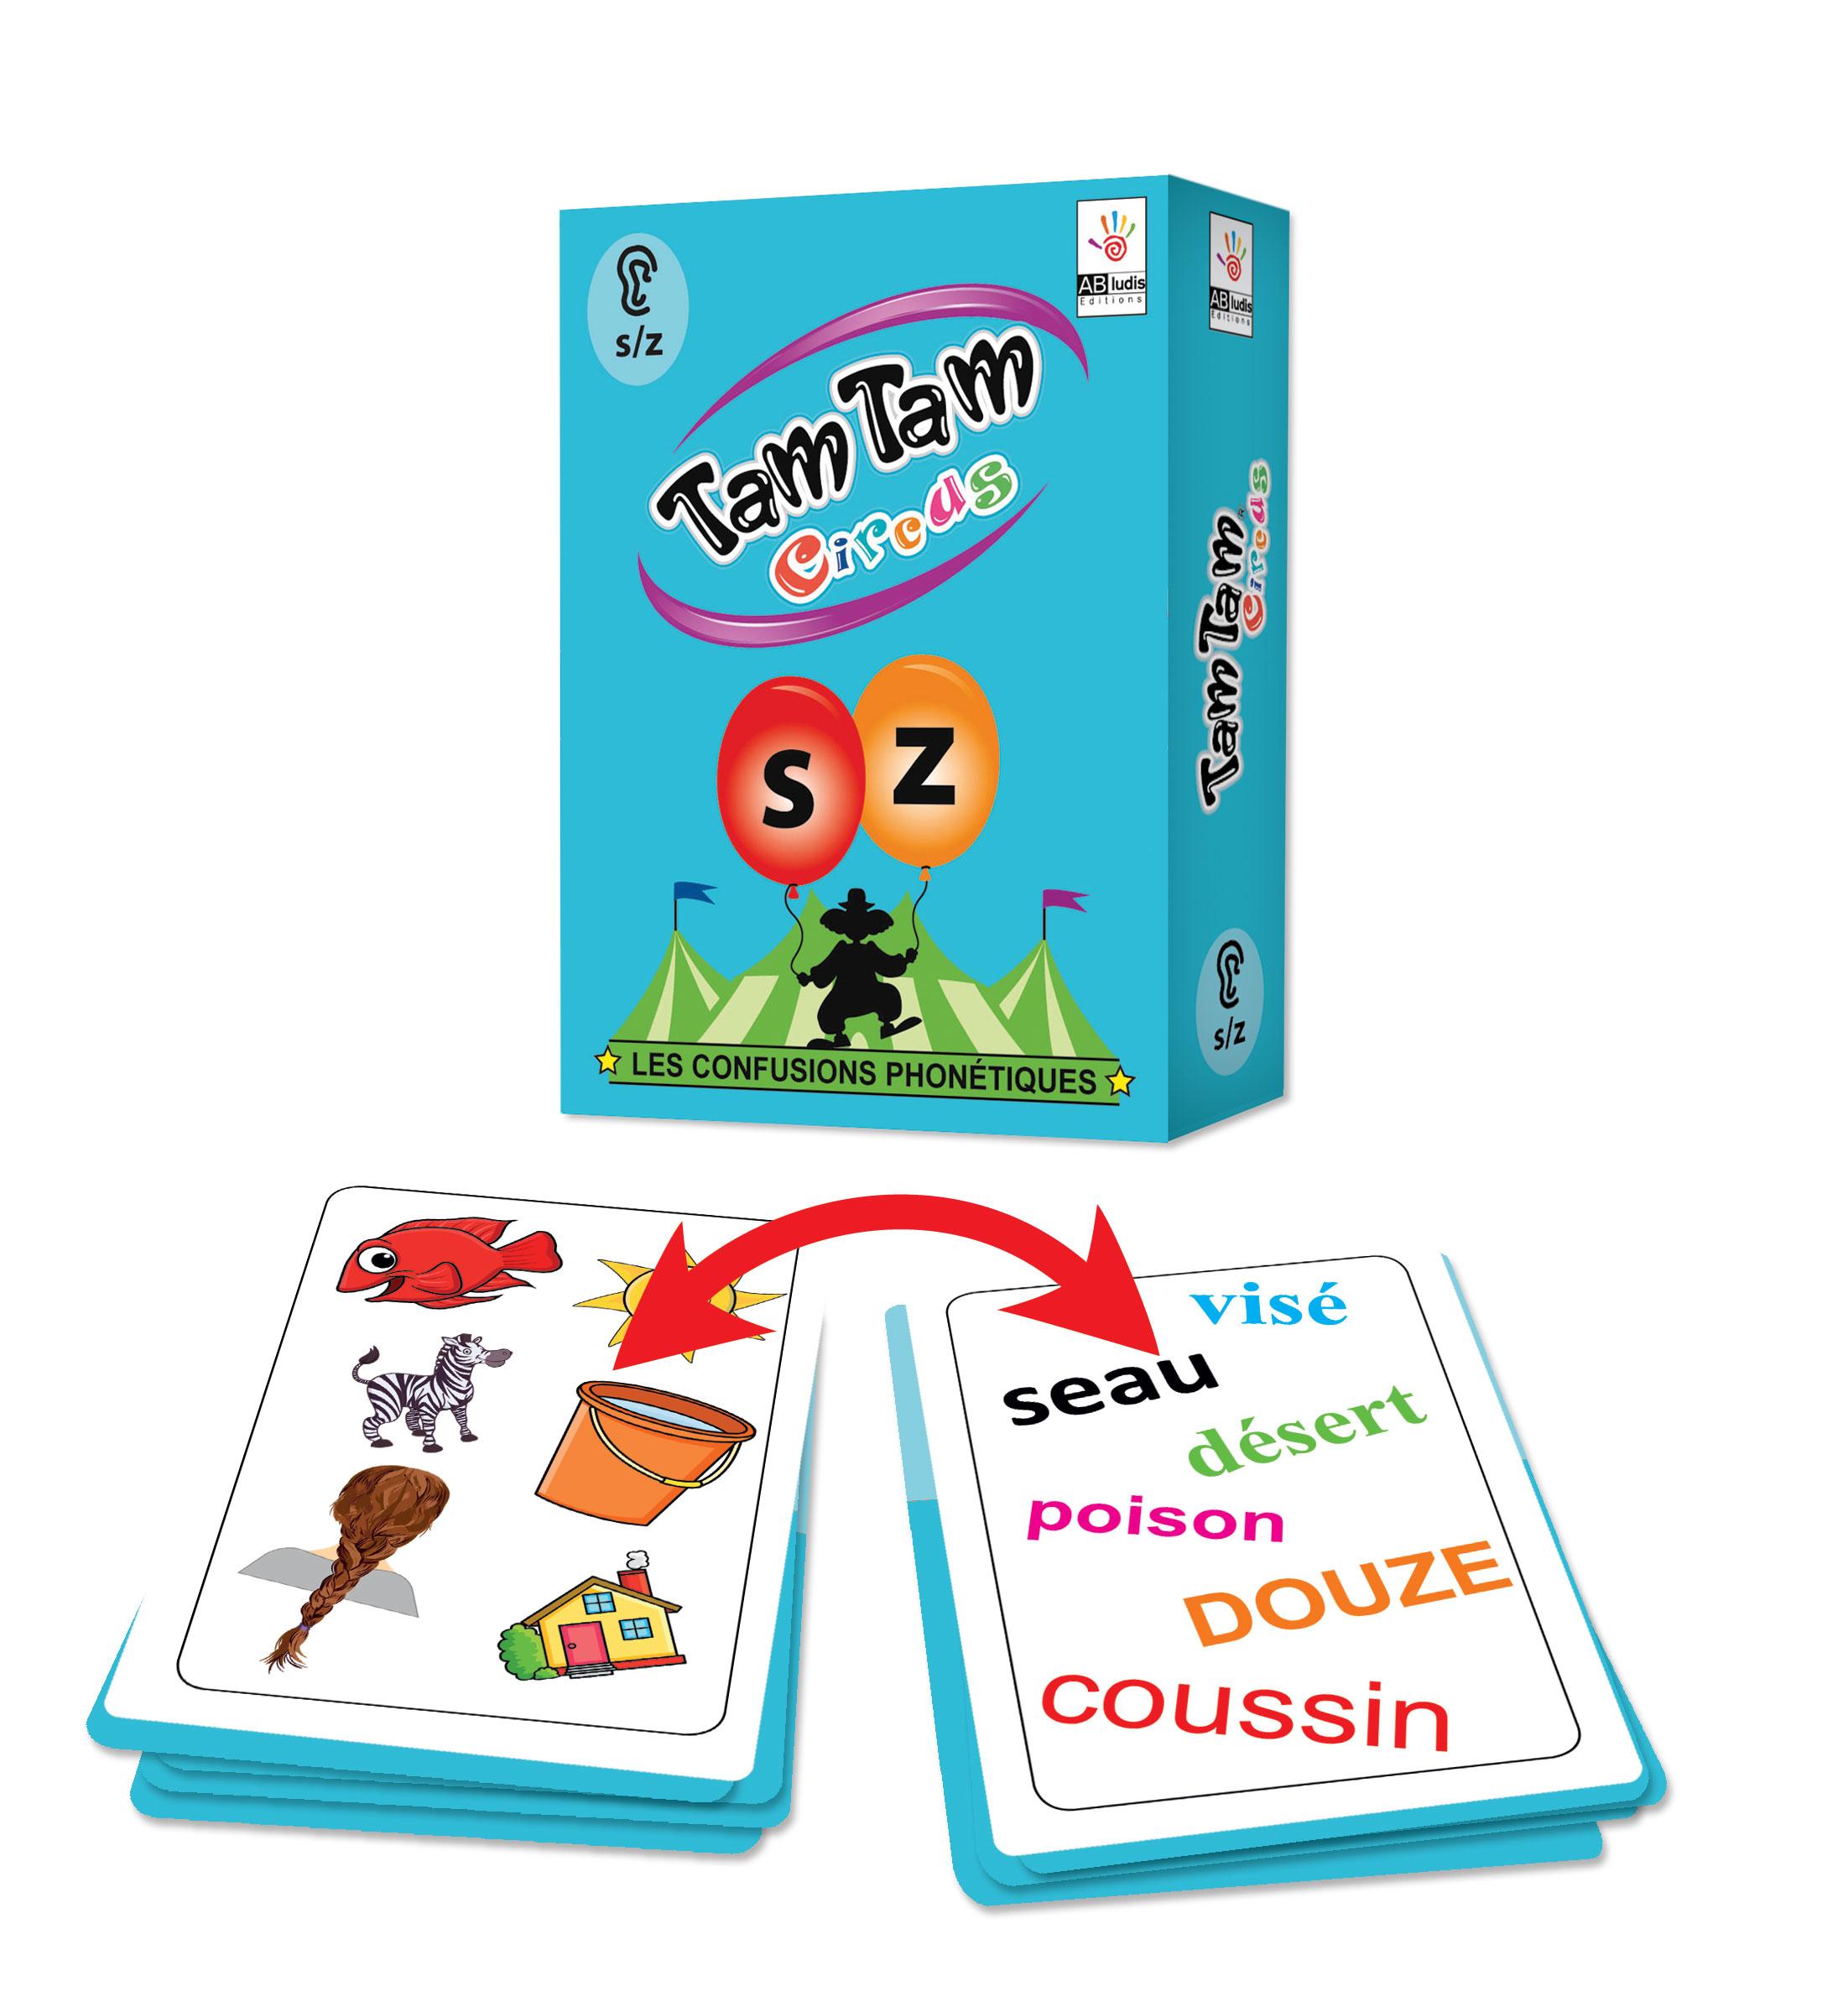 Tam Tam Circus, Les confusions phonétiques s/z